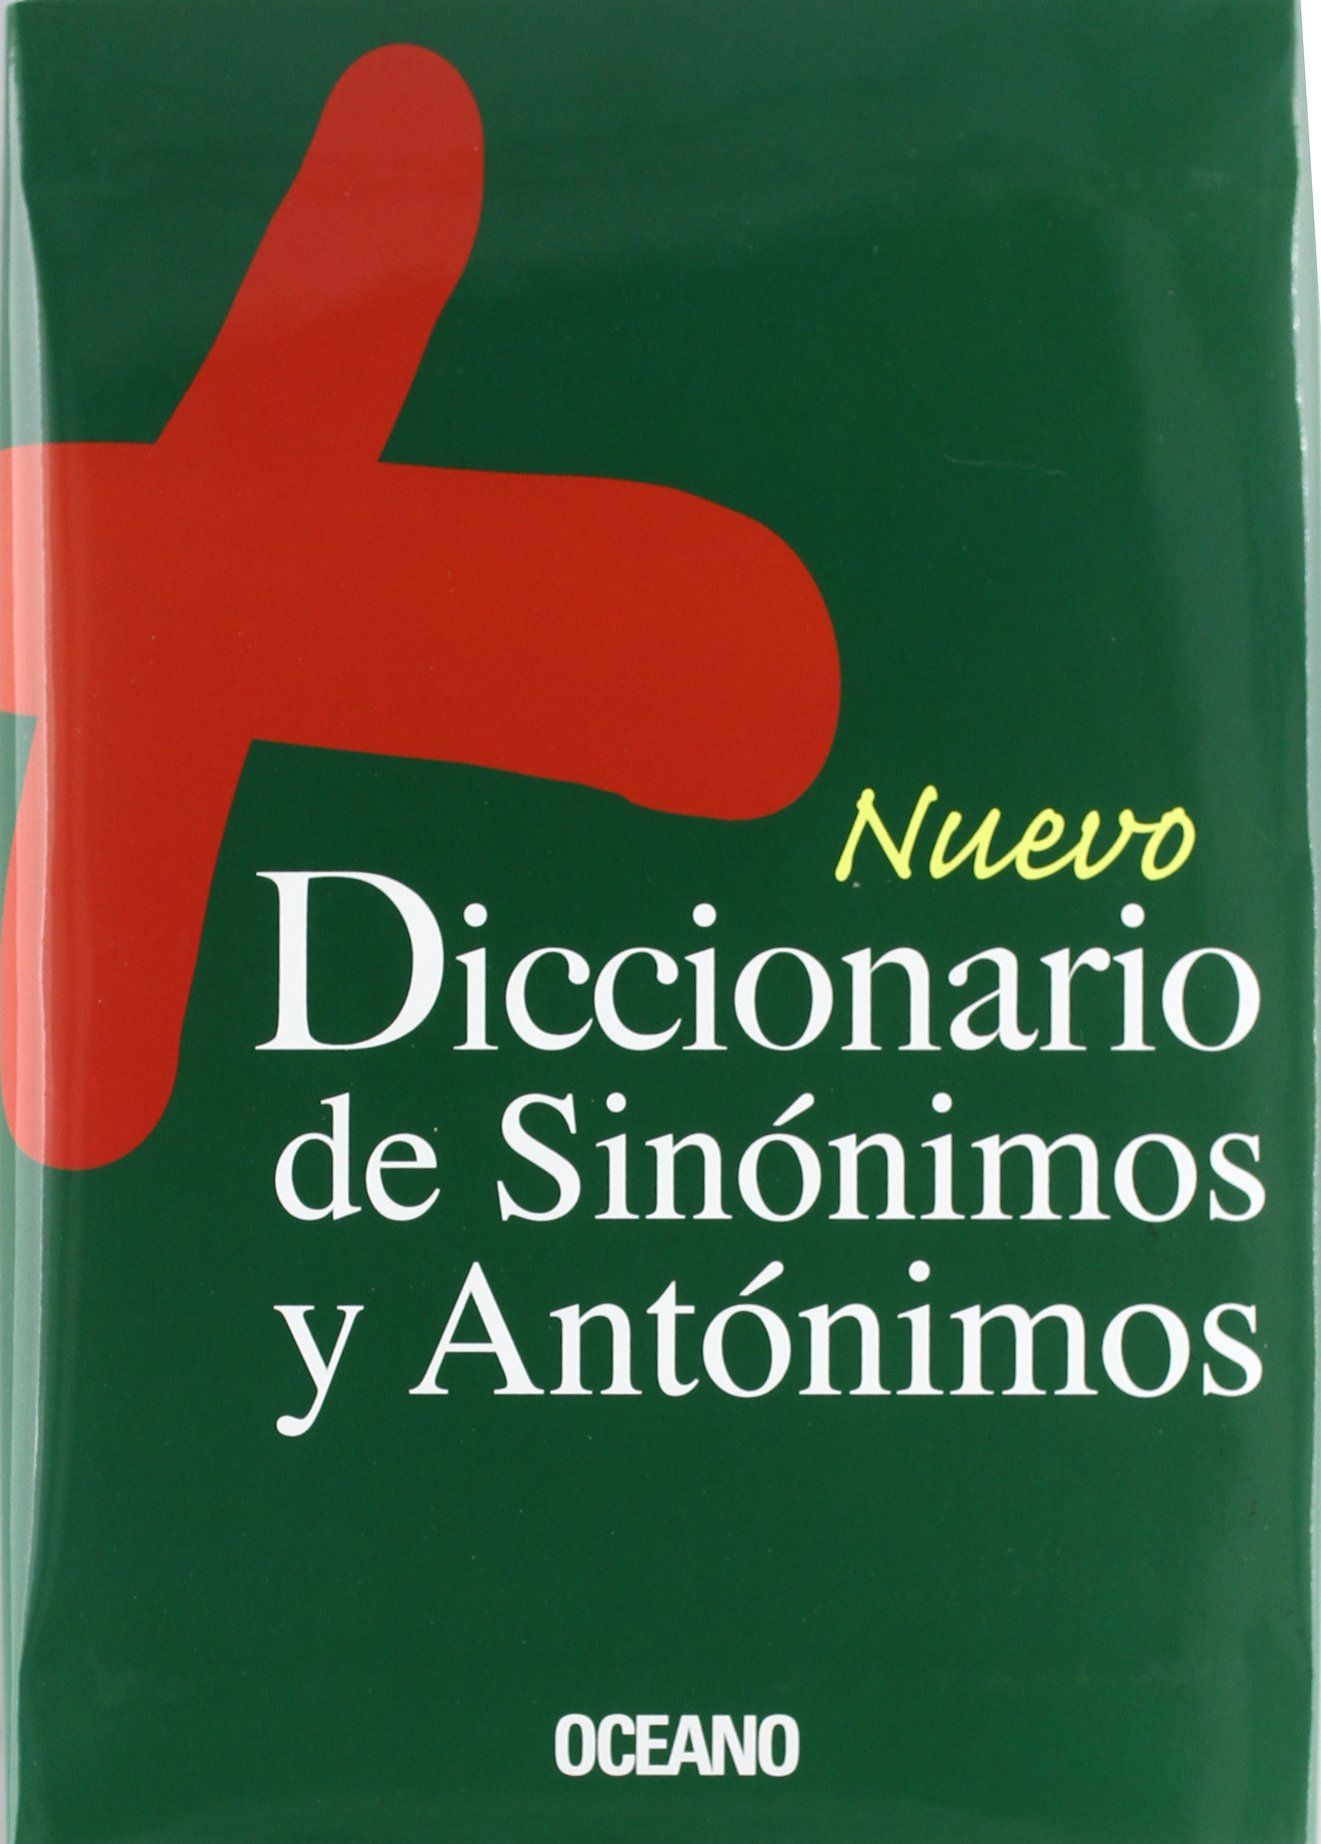 Read Online Nuevo Diccionario de Antonimos y Sinonimos / New Dictionary of Synonyms and Antonyms (Spanish Edition) PDF